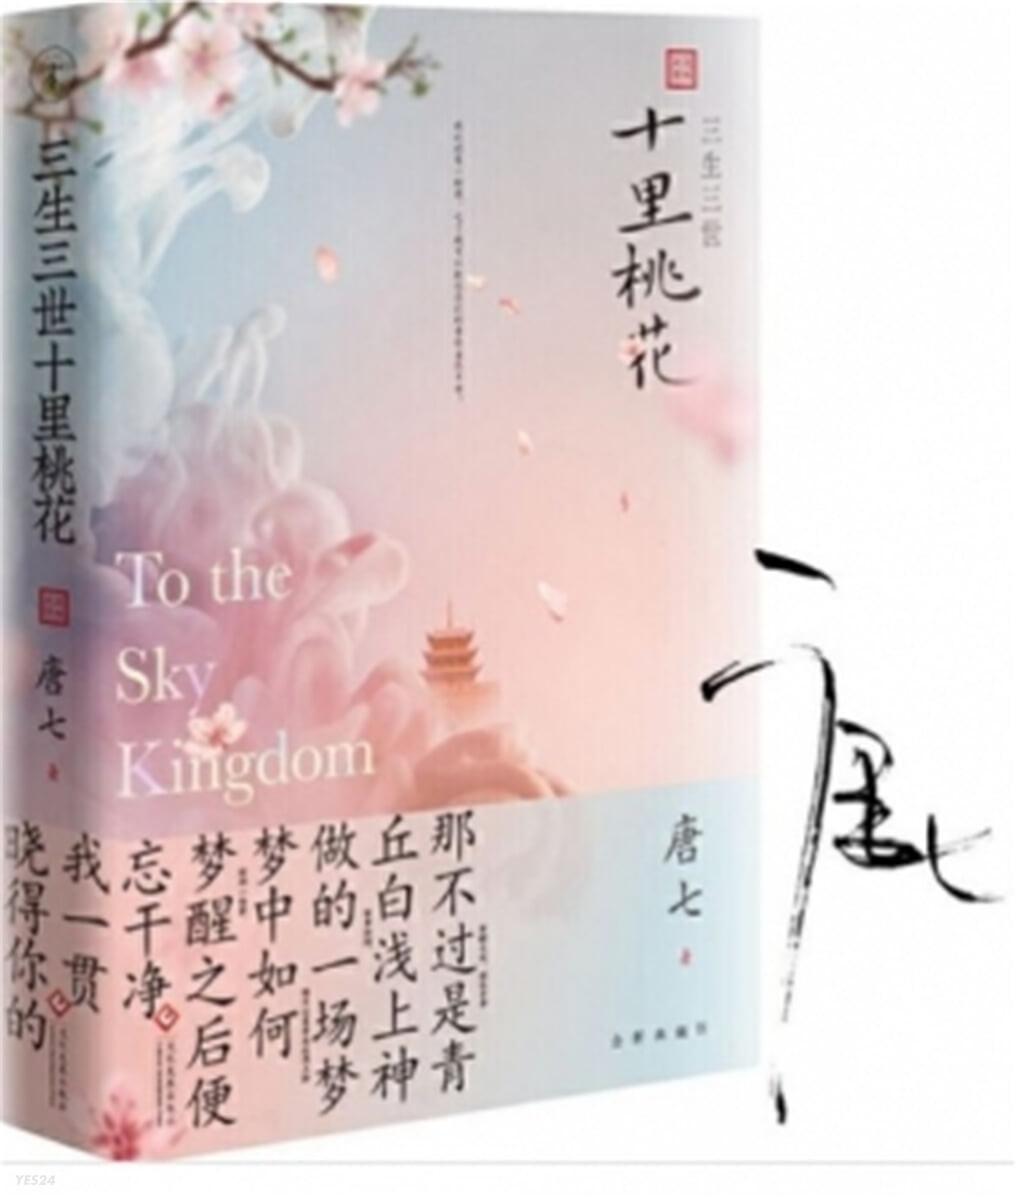 三生三世十裏桃花(紀念版) 삼생삼세십리도화